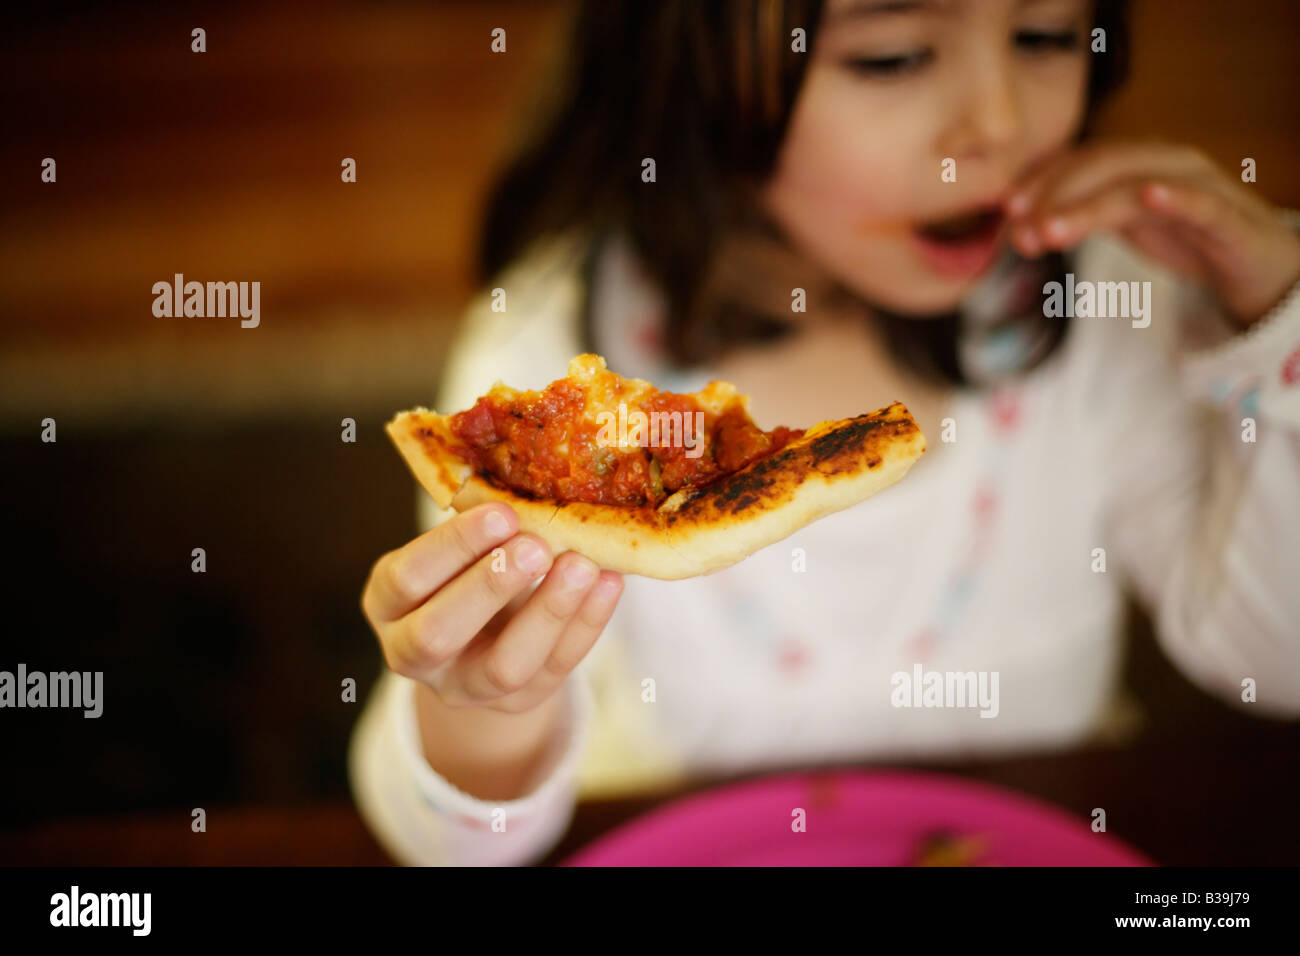 Pizze bambina di cinque anni prende il morso di molto calda pizza fresca dal forno Immagini Stock